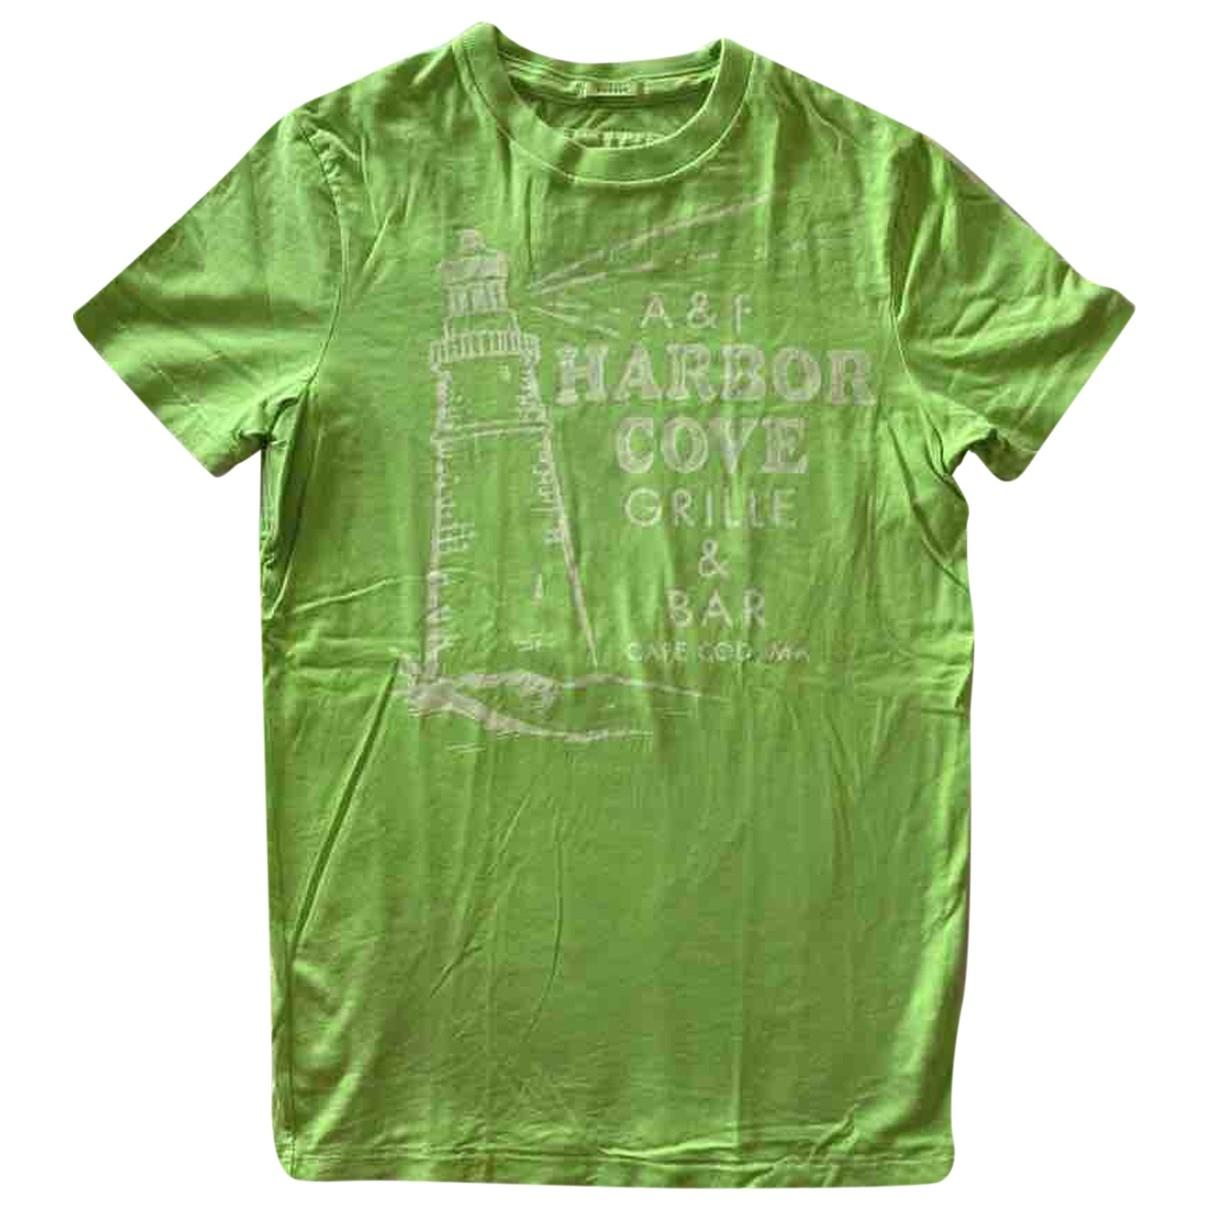 Abercrombie & Fitch - Tee shirts   pour homme en coton - vert